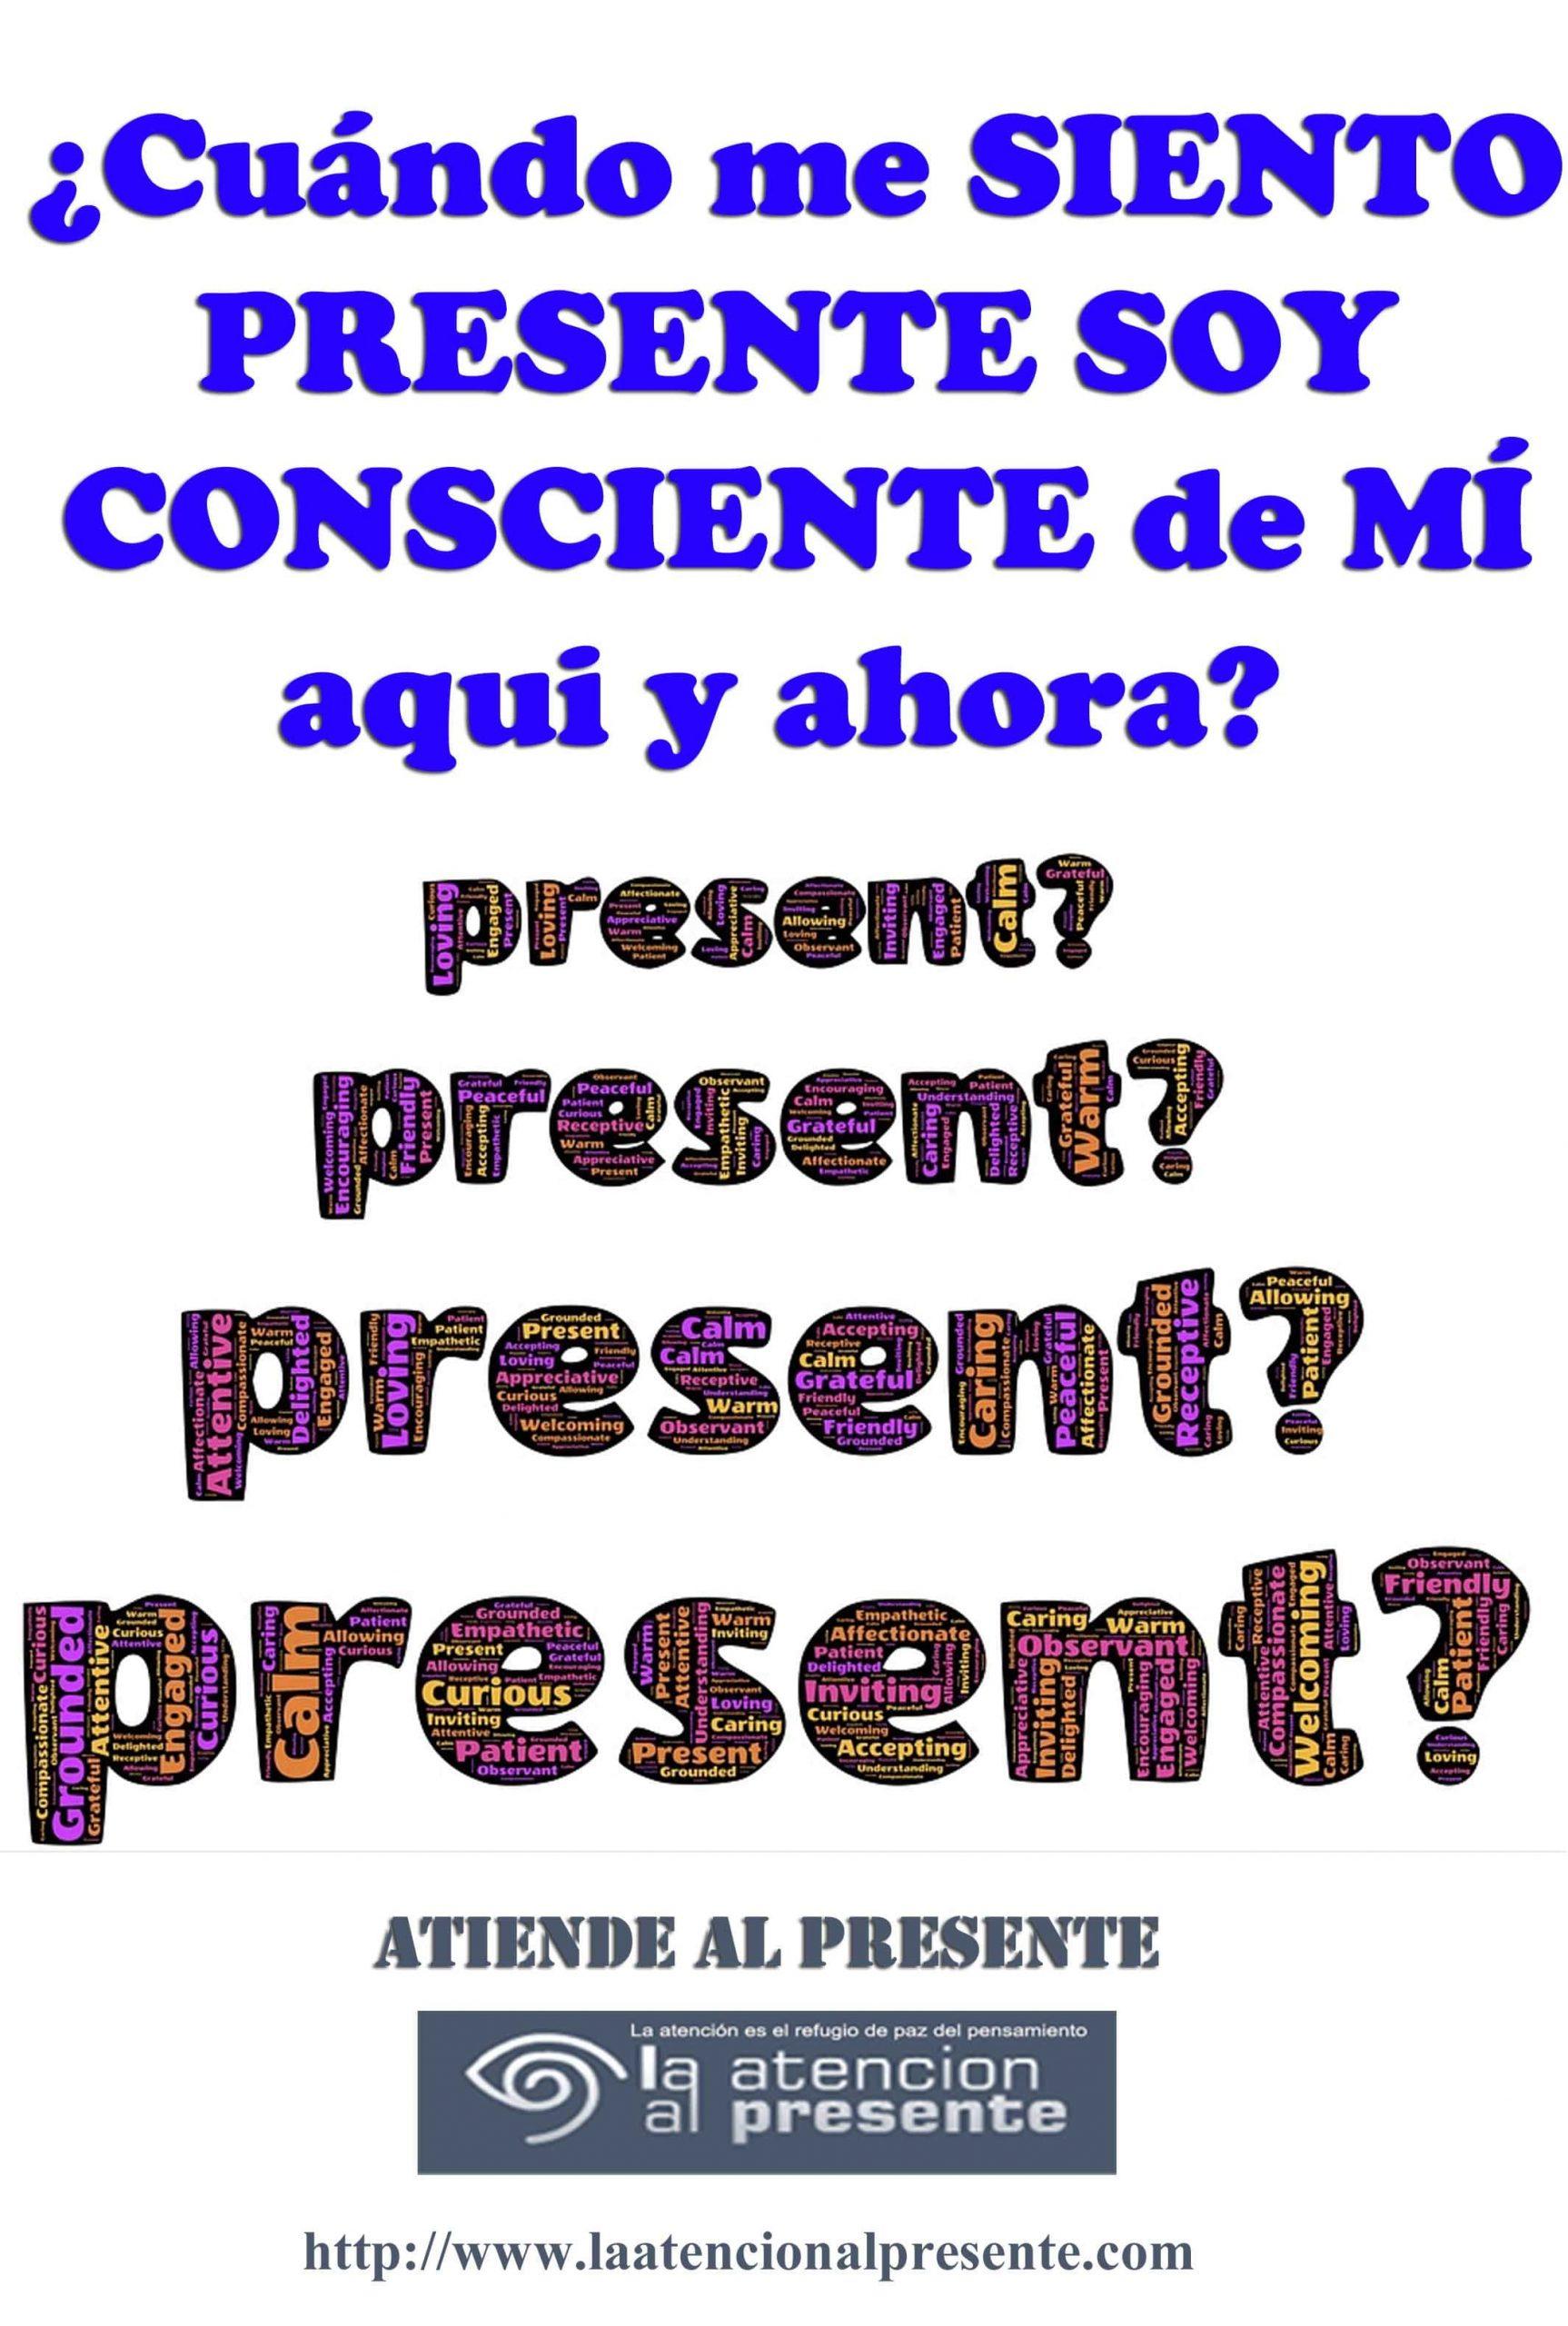 4 de marzo Esteban Cuándo me SIENTO PRESENTE soy CONSCIENTE de MÍ AQUI y AHORA min scaled